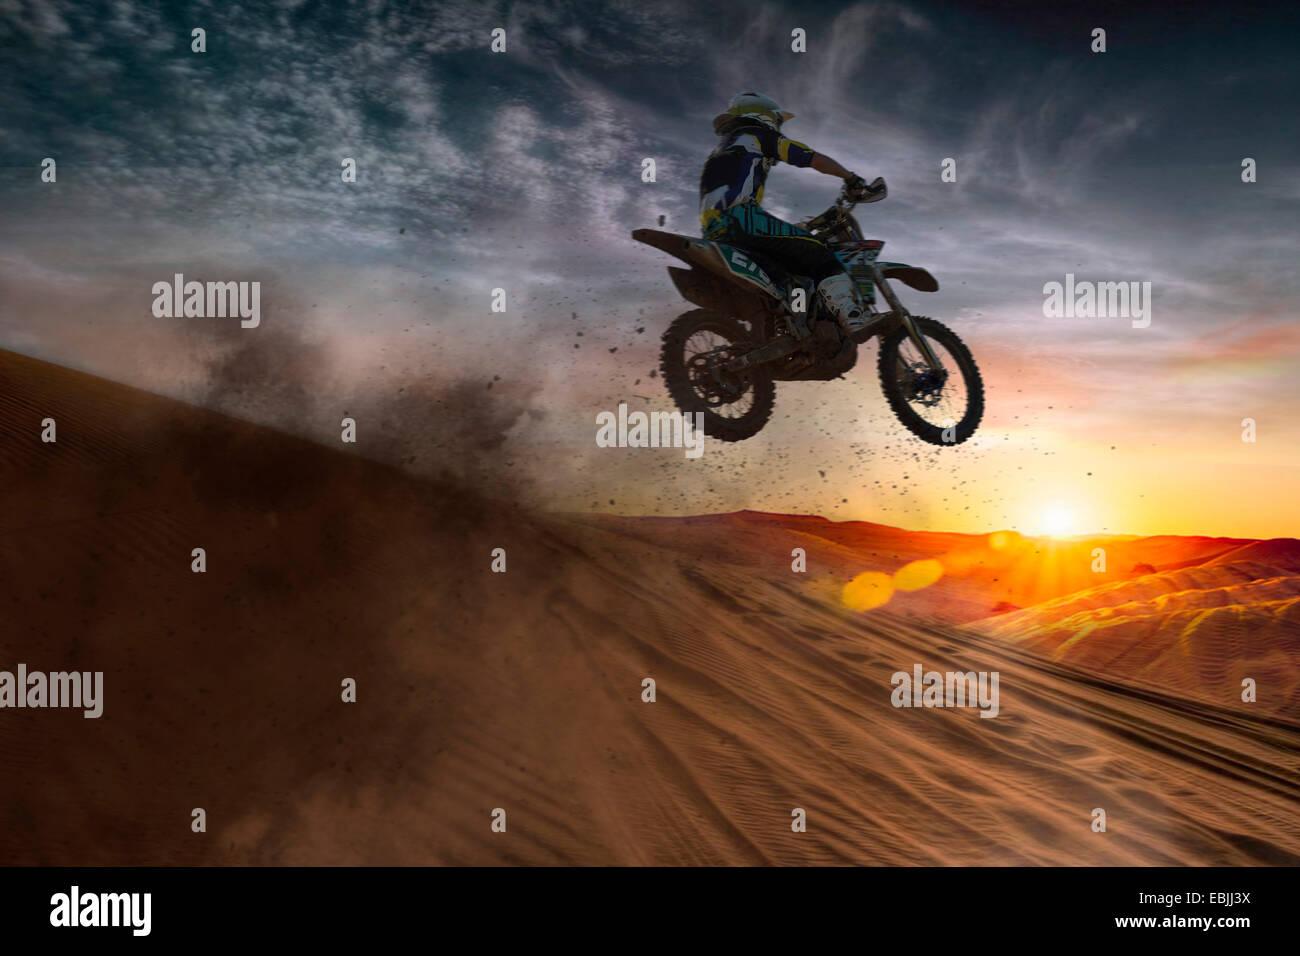 Macho joven racer motocross saltando el aire al atardecer Imagen De Stock